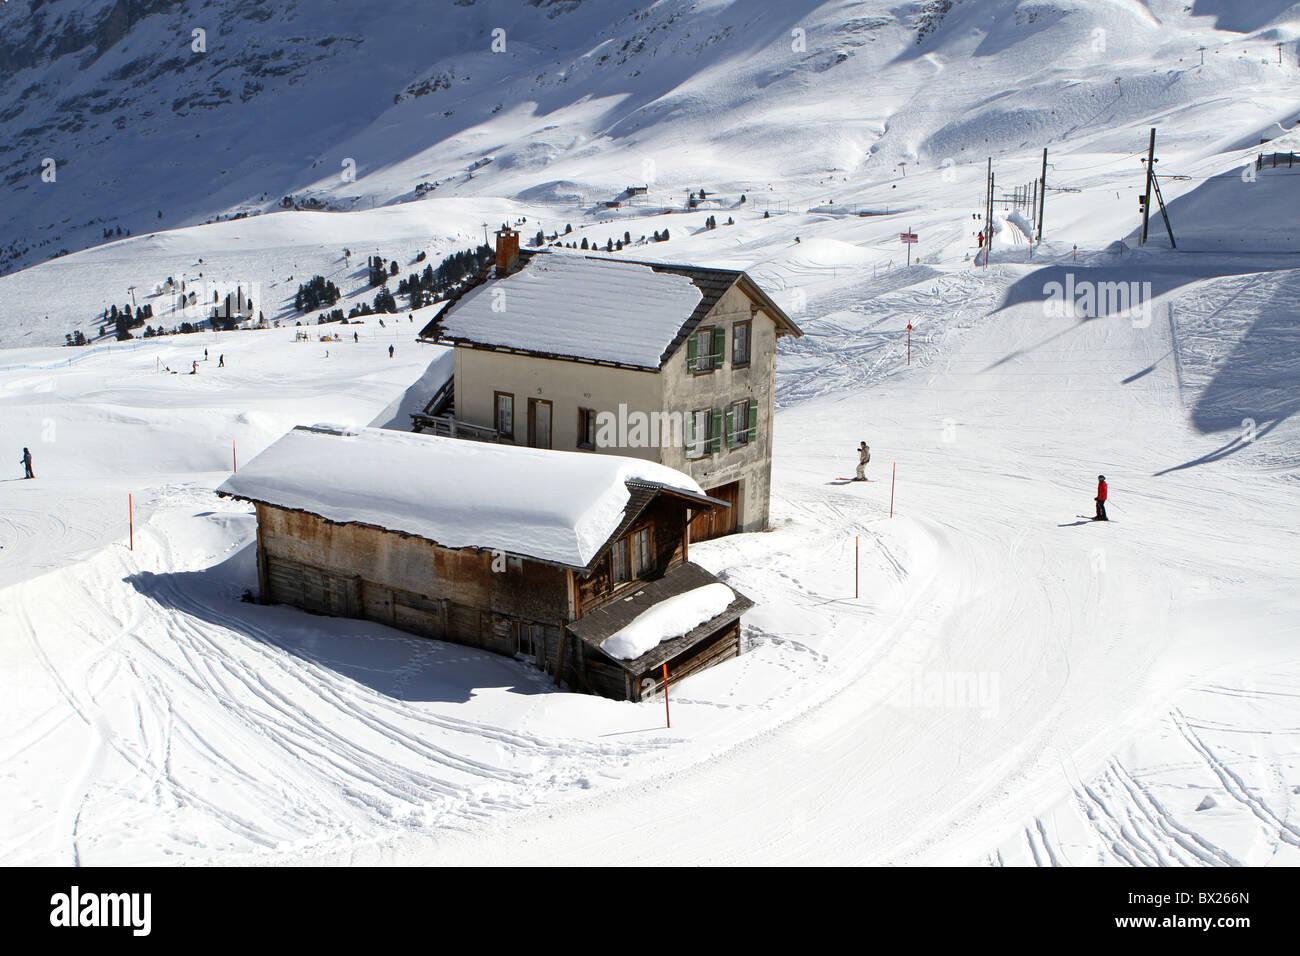 Skiers and chalets at Kleine Scheidegg, Switzerland - Stock Image